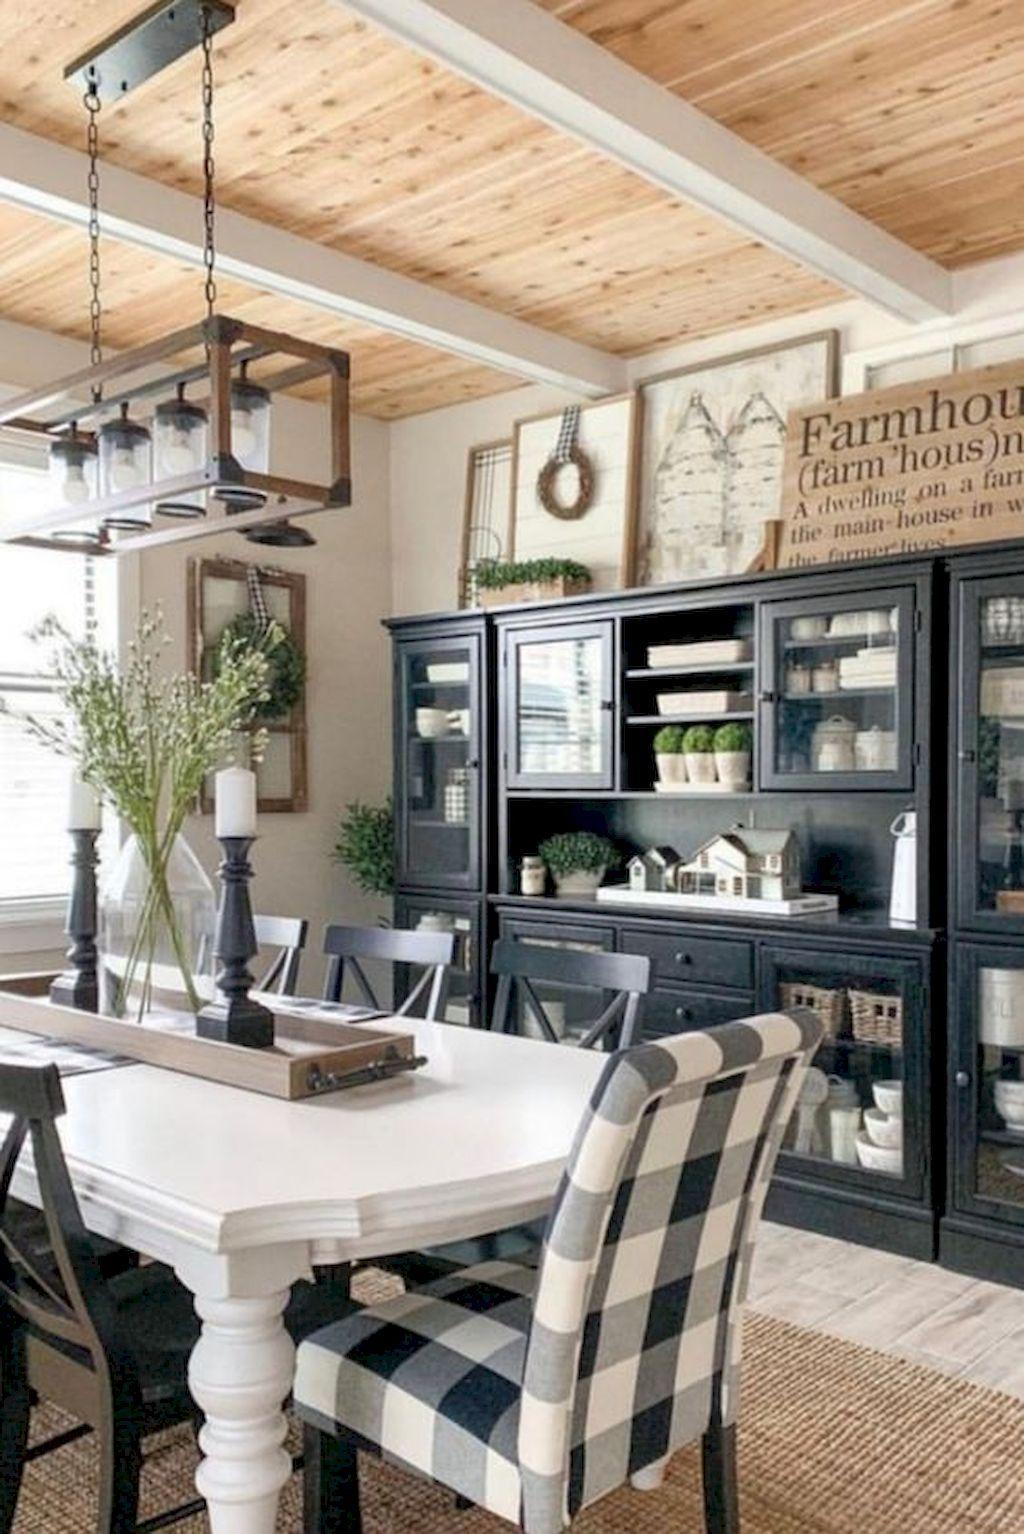 85 Wonderful Farmhouse Style Dining Room Design Ideas Farmhouse